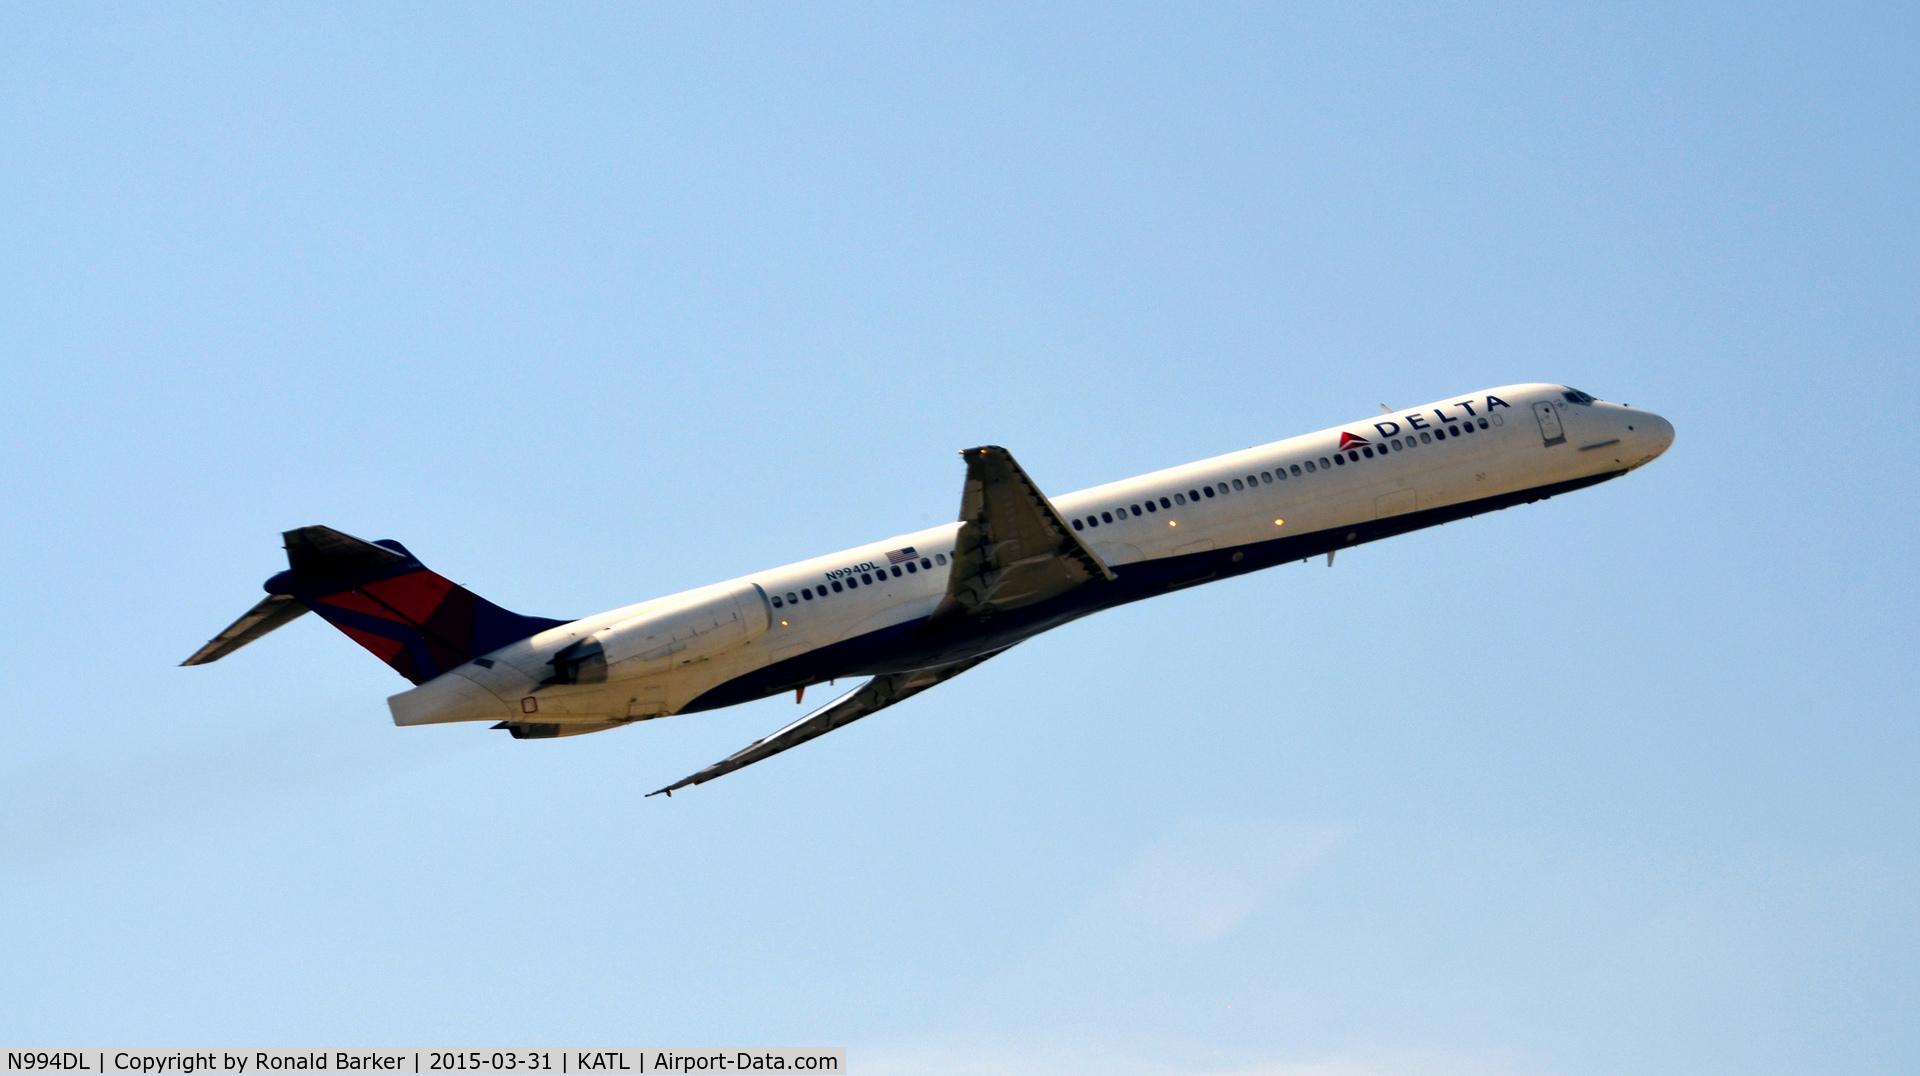 N994DL, 1991 McDonnell Douglas MD-88 C/N 53346, Taxi Atlanta